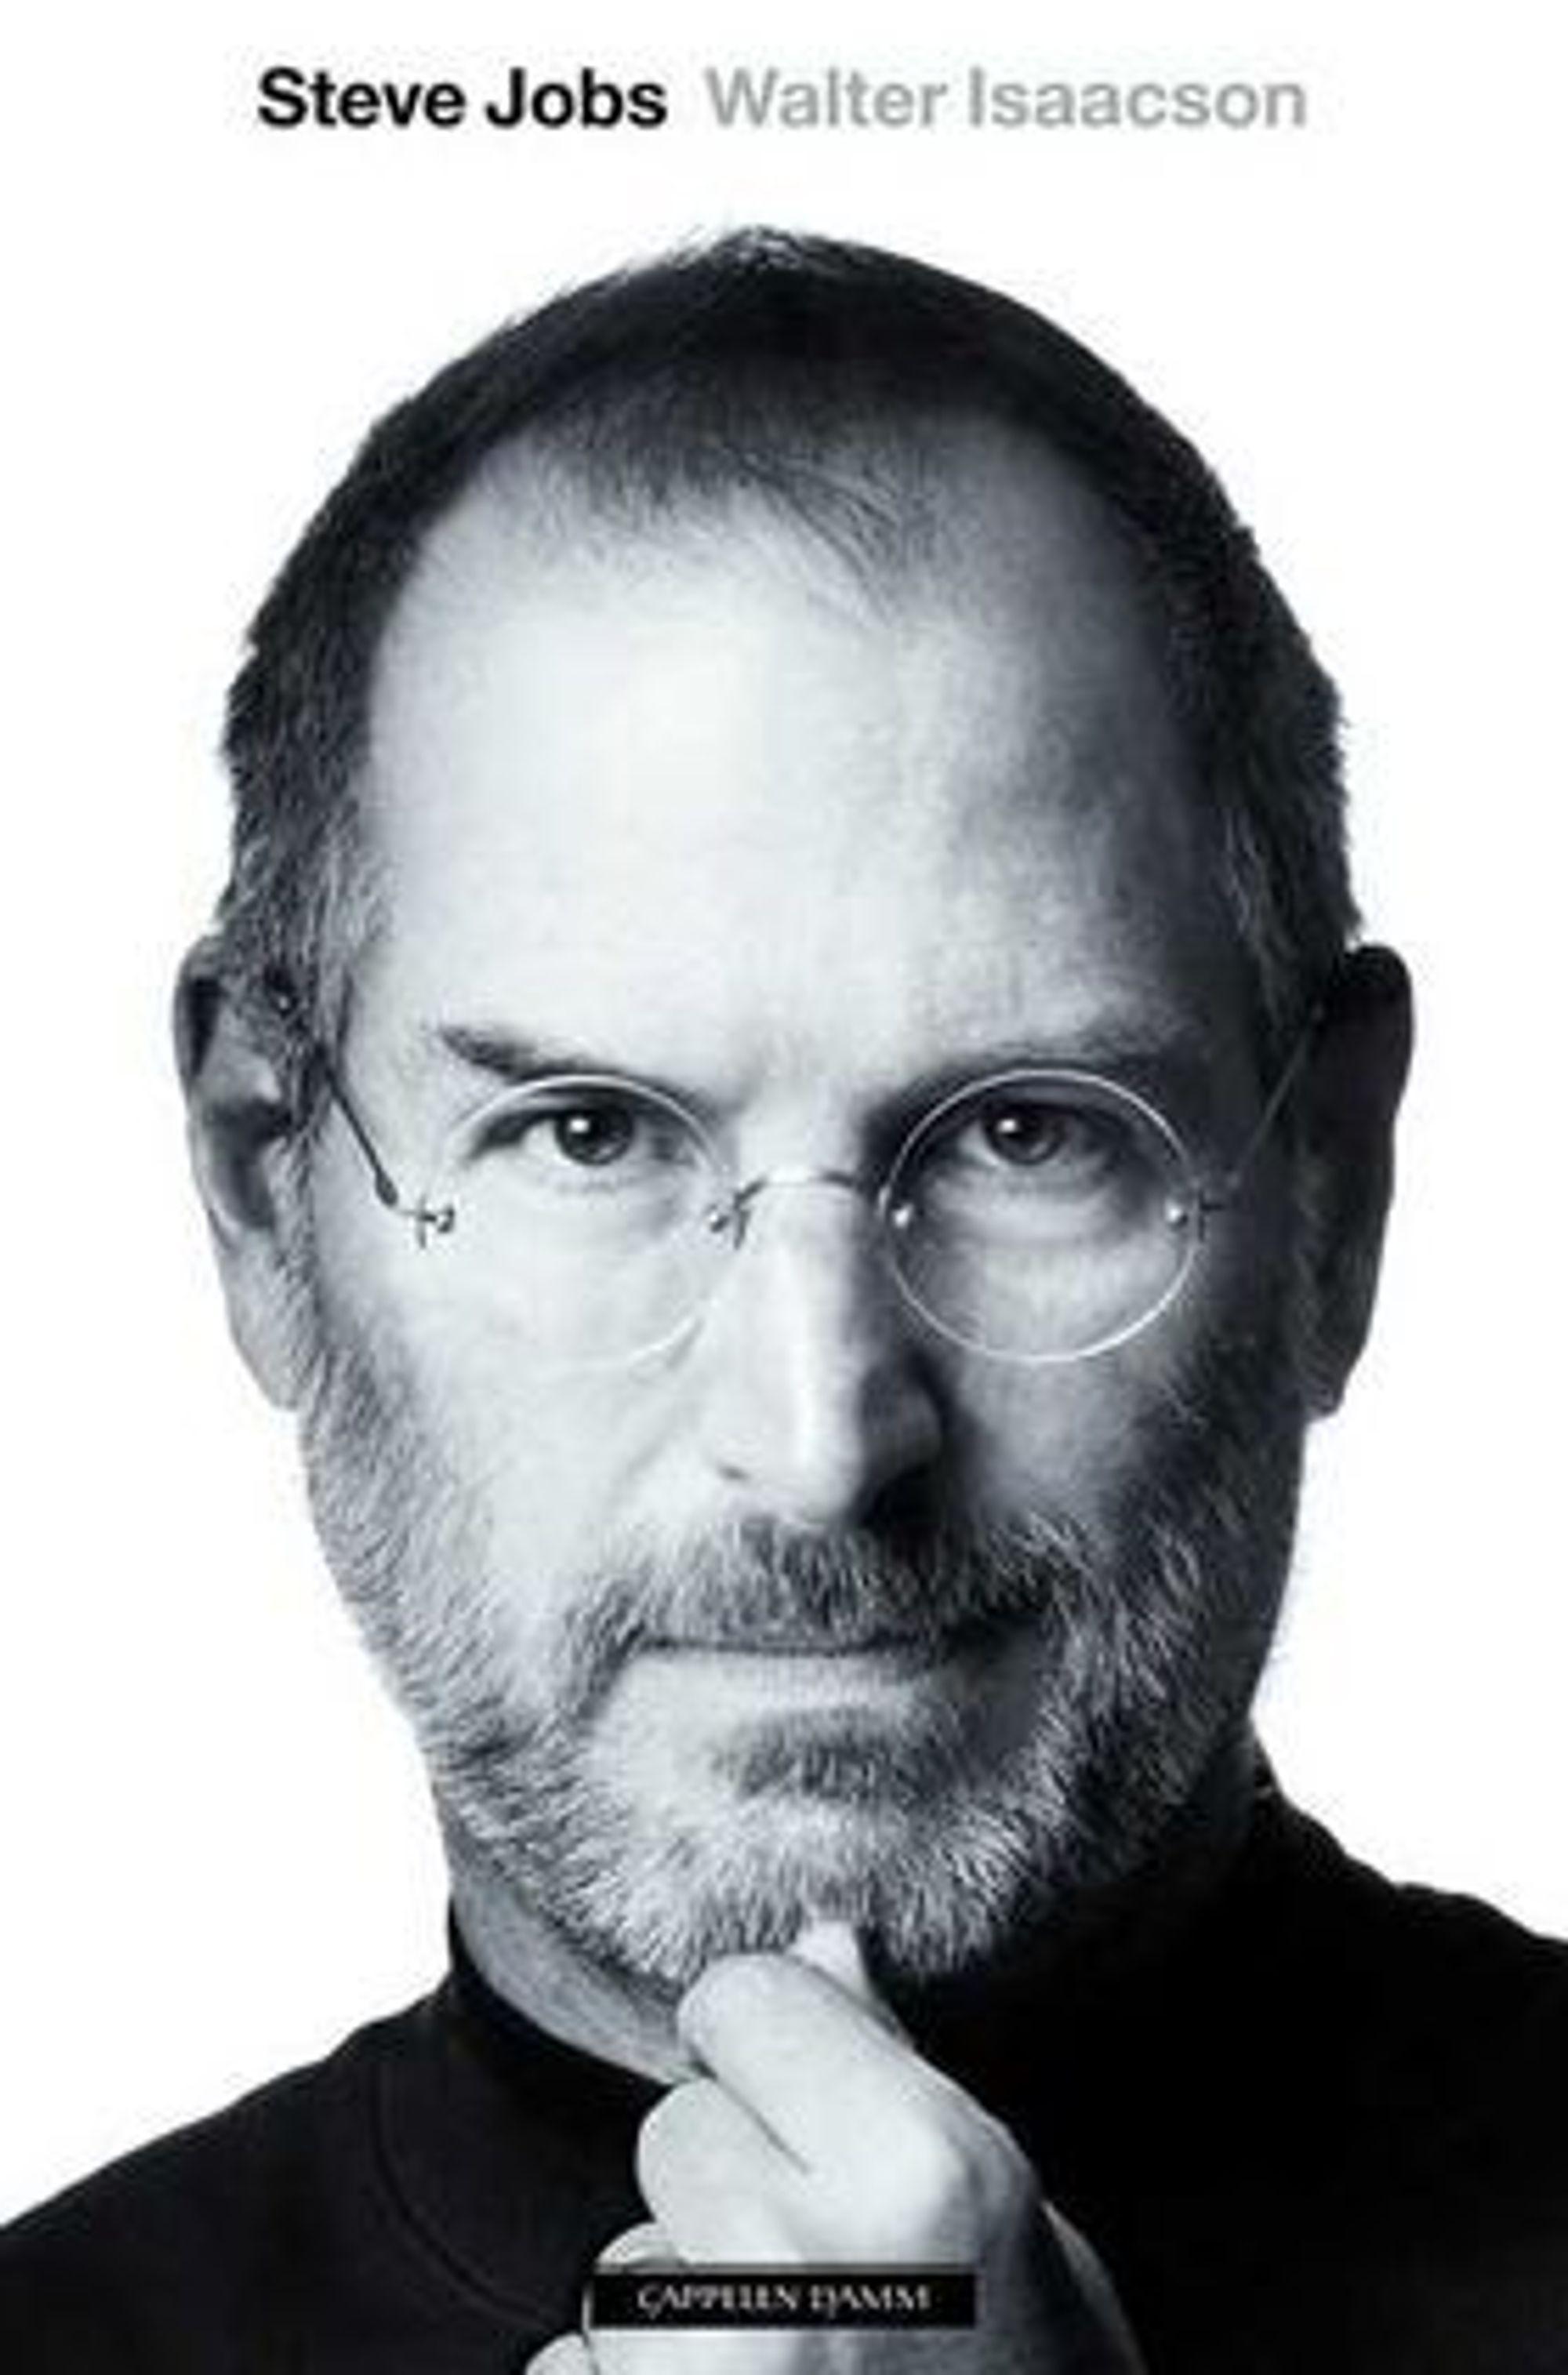 Walter Isaacsons biografi om Steve Jobs er lesverdig, mener digi.nos redaktør Sigvald Sveinbjørnsson.